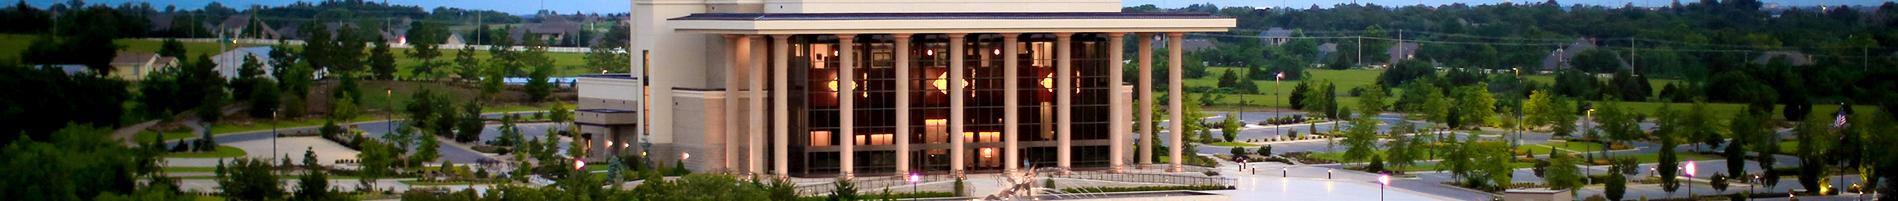 Gerald Flurry - Herbert W. Armstrong Auditorium